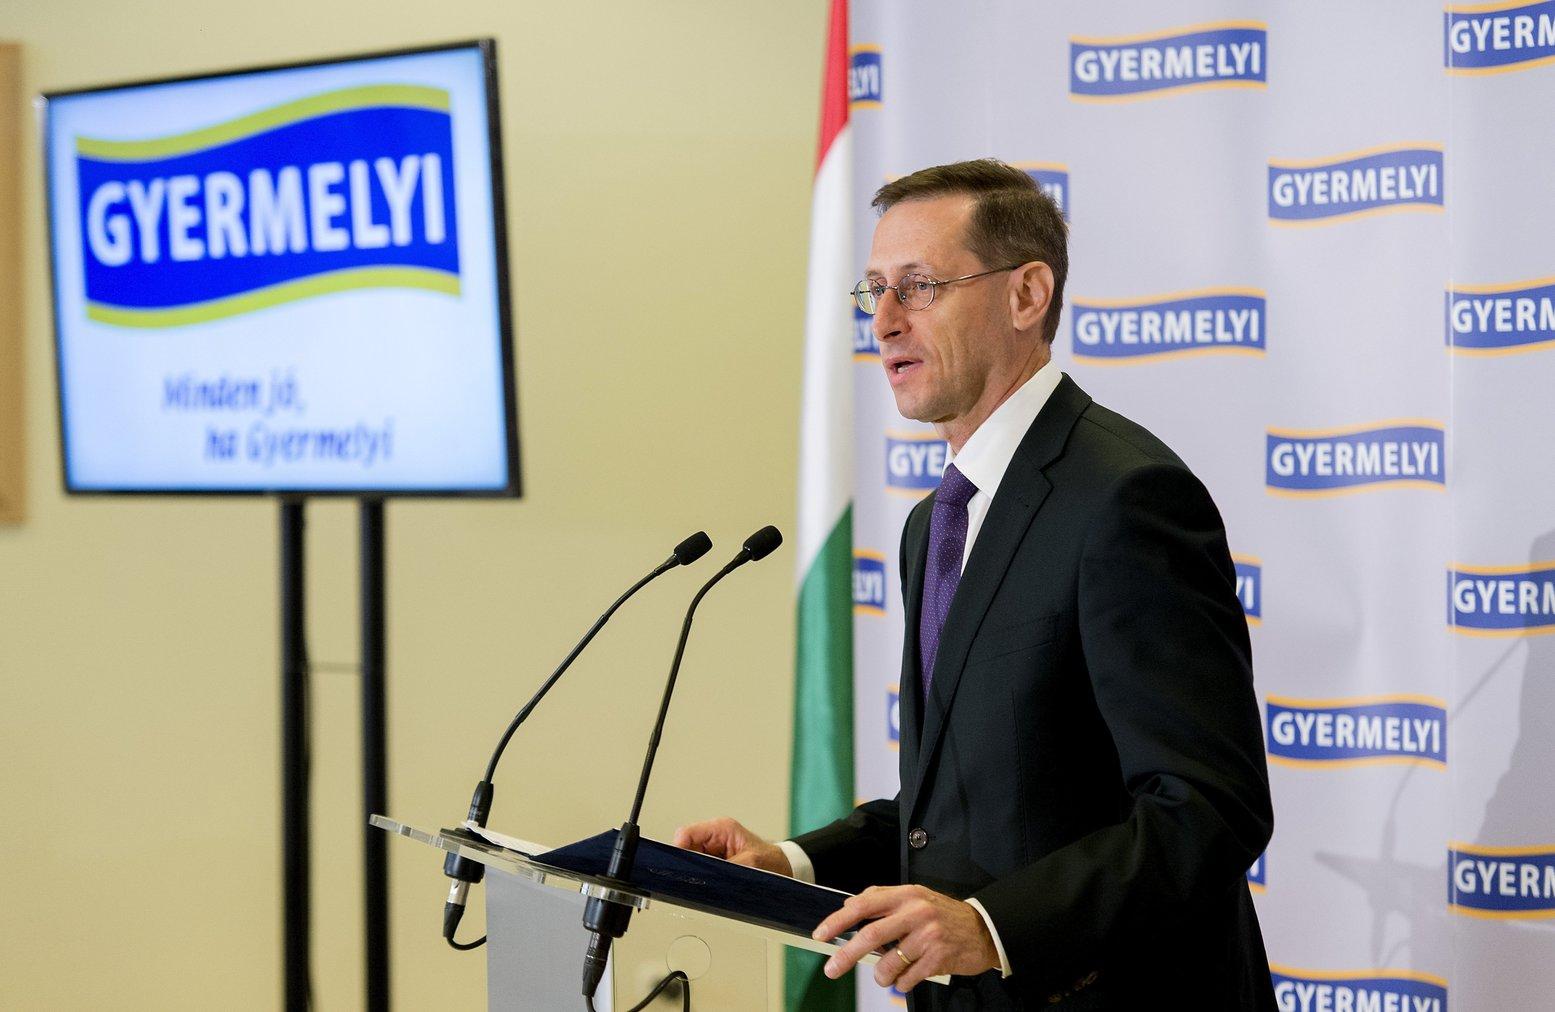 Varga Mihály pénzügyminiszter beszédet mond a Gyermelyi Zrt. új tésztagyárának avatóünnepségén(Fotó: MTI/Krizsán Csaba)